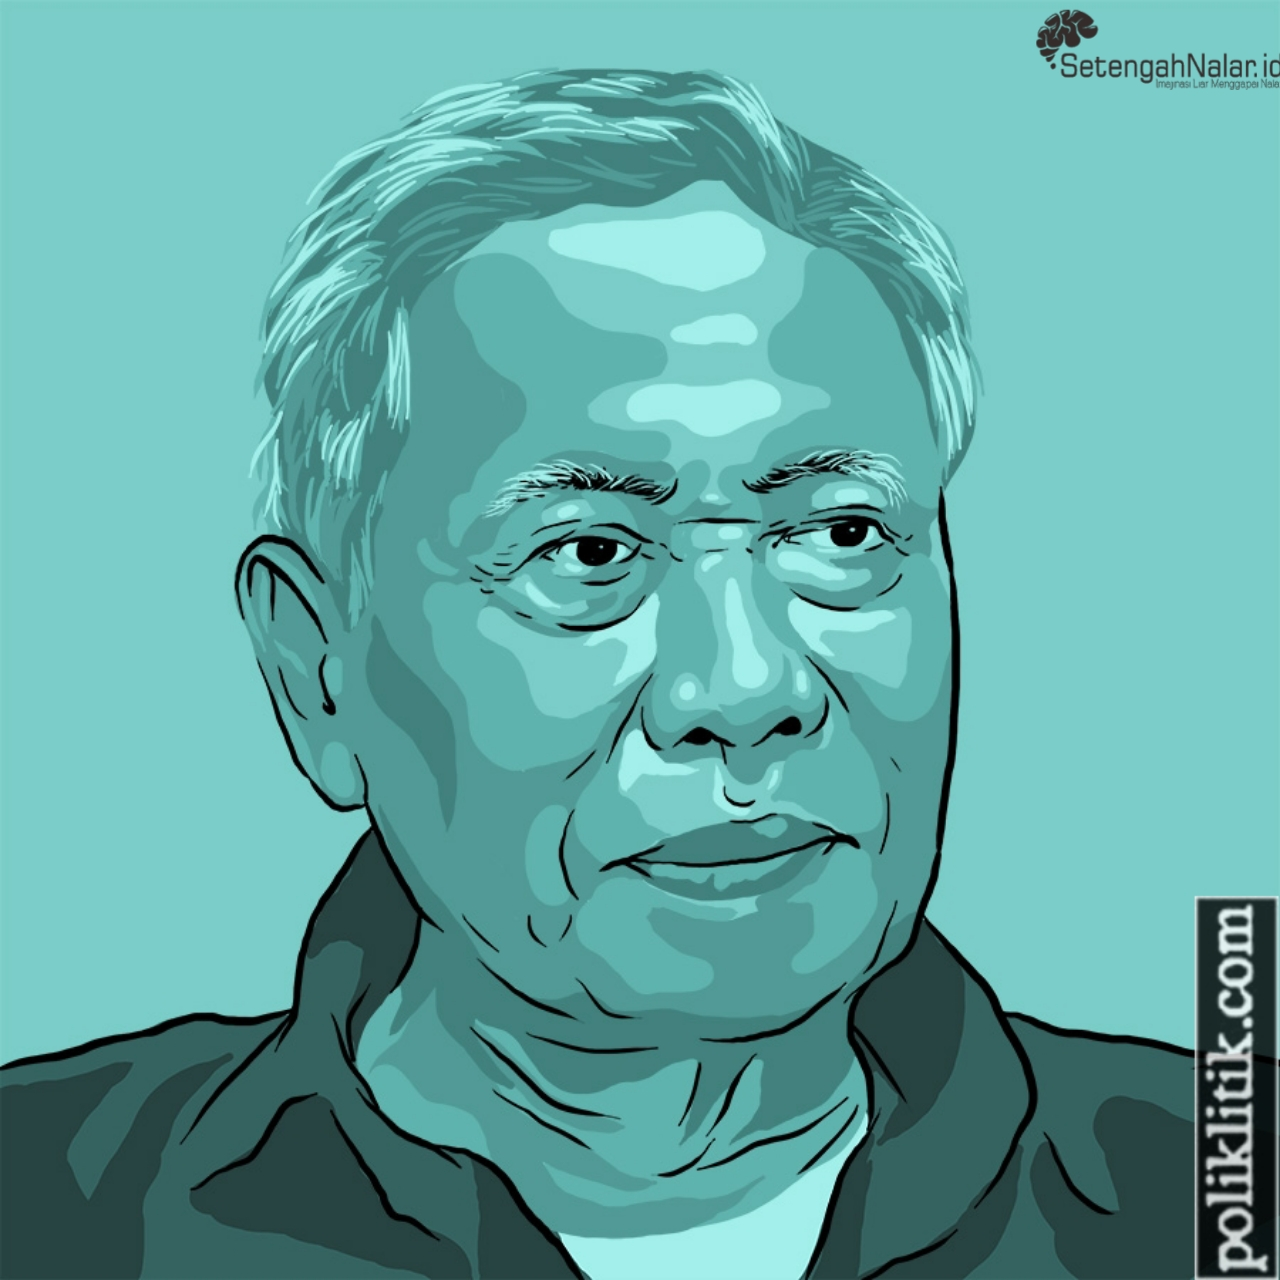 Menyelami Pemikiran Dawam Rahardjo  sang Ekonom Islam Progresif